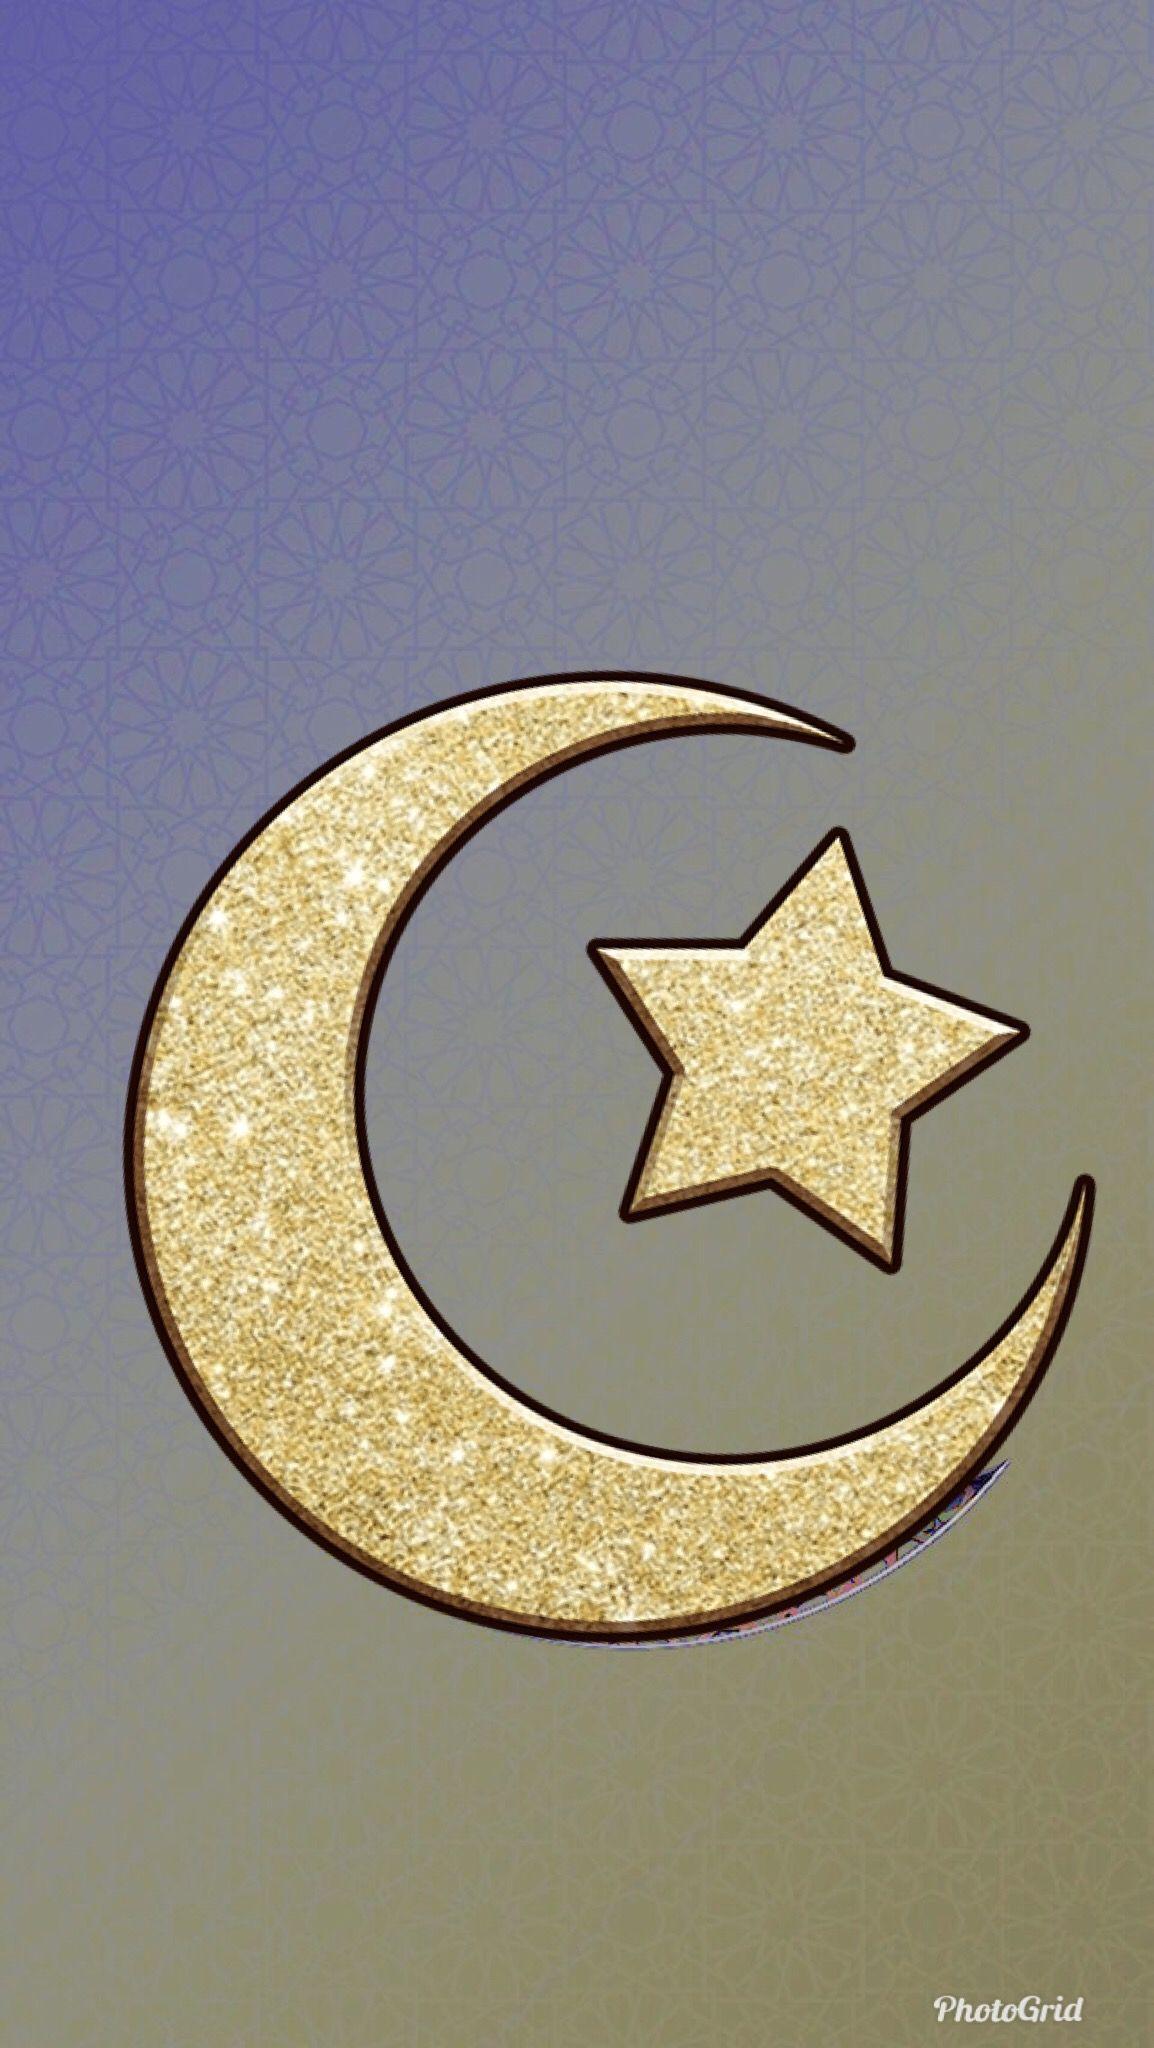 هلال نجمه رمضان كريم Ramadan Decorations Ramadan Crafts Gold Stars